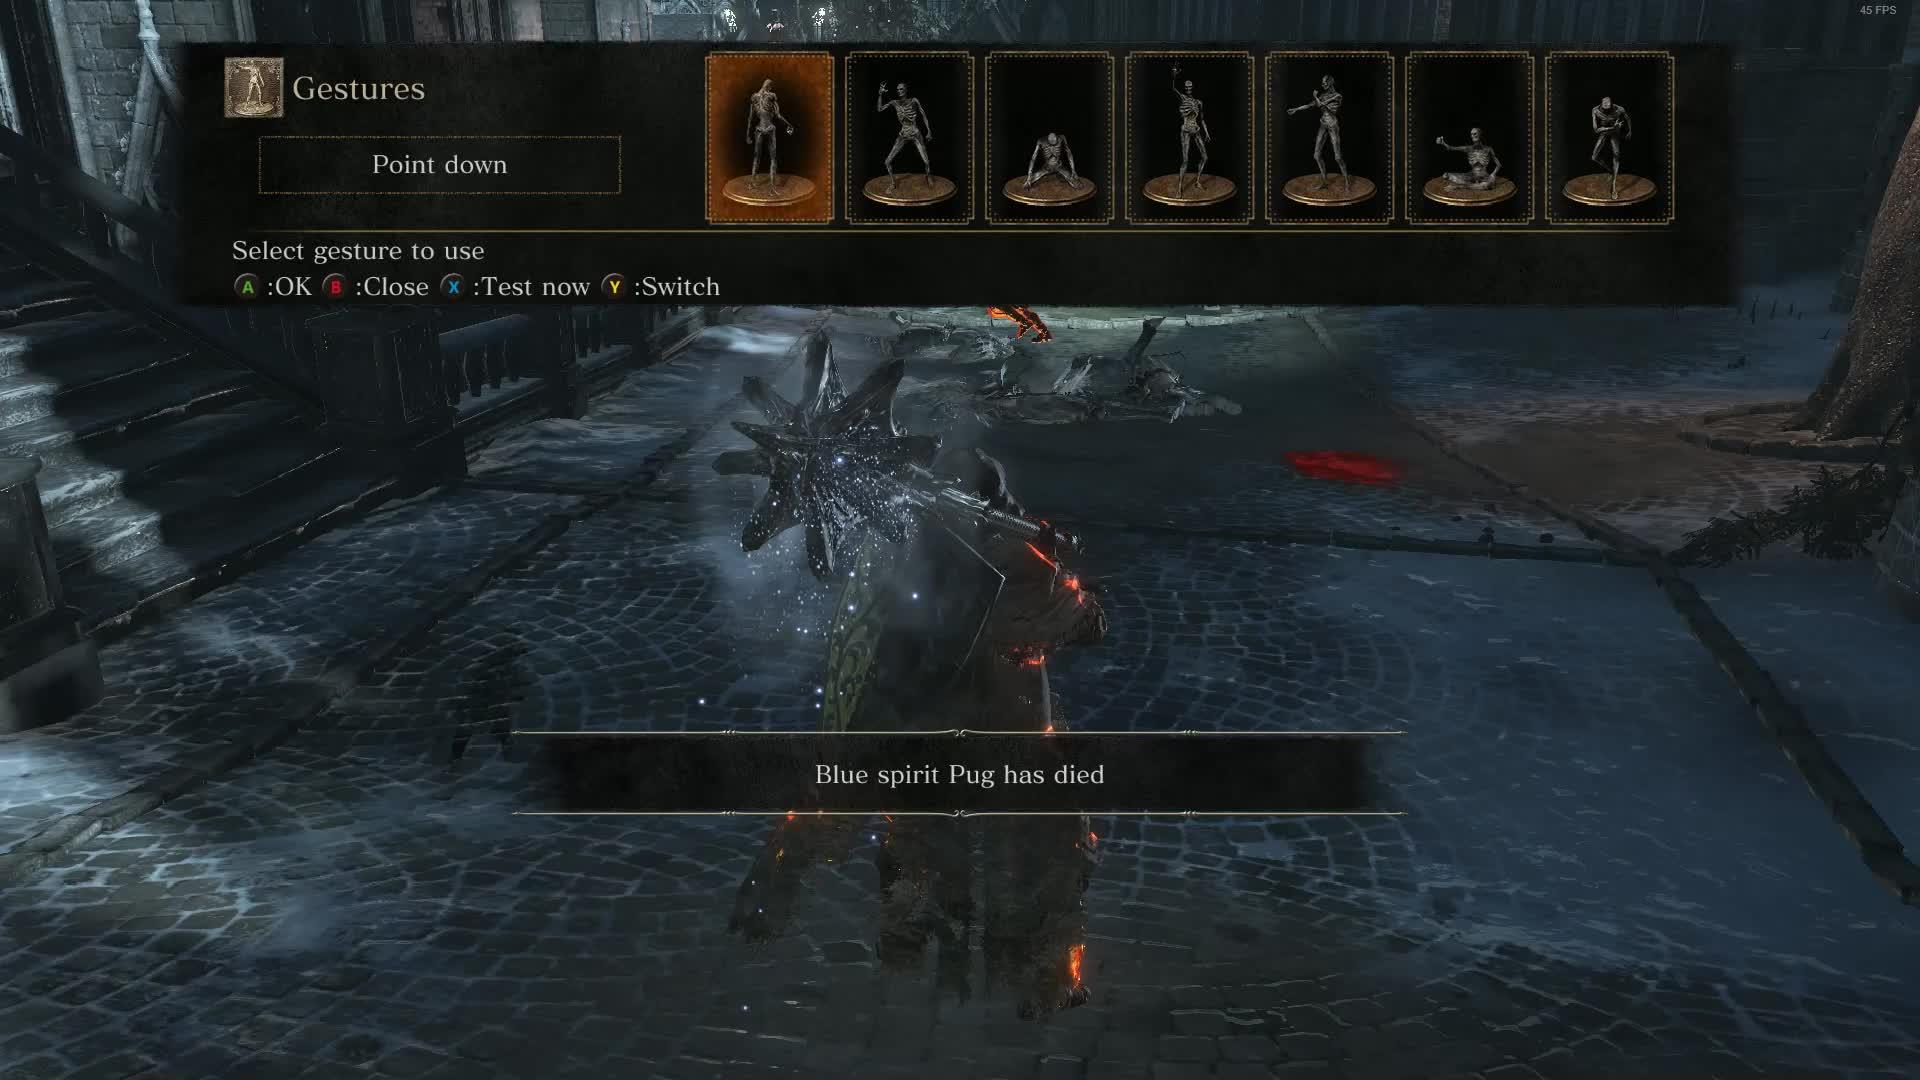 DarkSouls, DarkSouls3, DarkSoulsIII, Invasion, Strength, VordtHammer, Kills 2 Darkmoon, but I am too Stronk GIFs